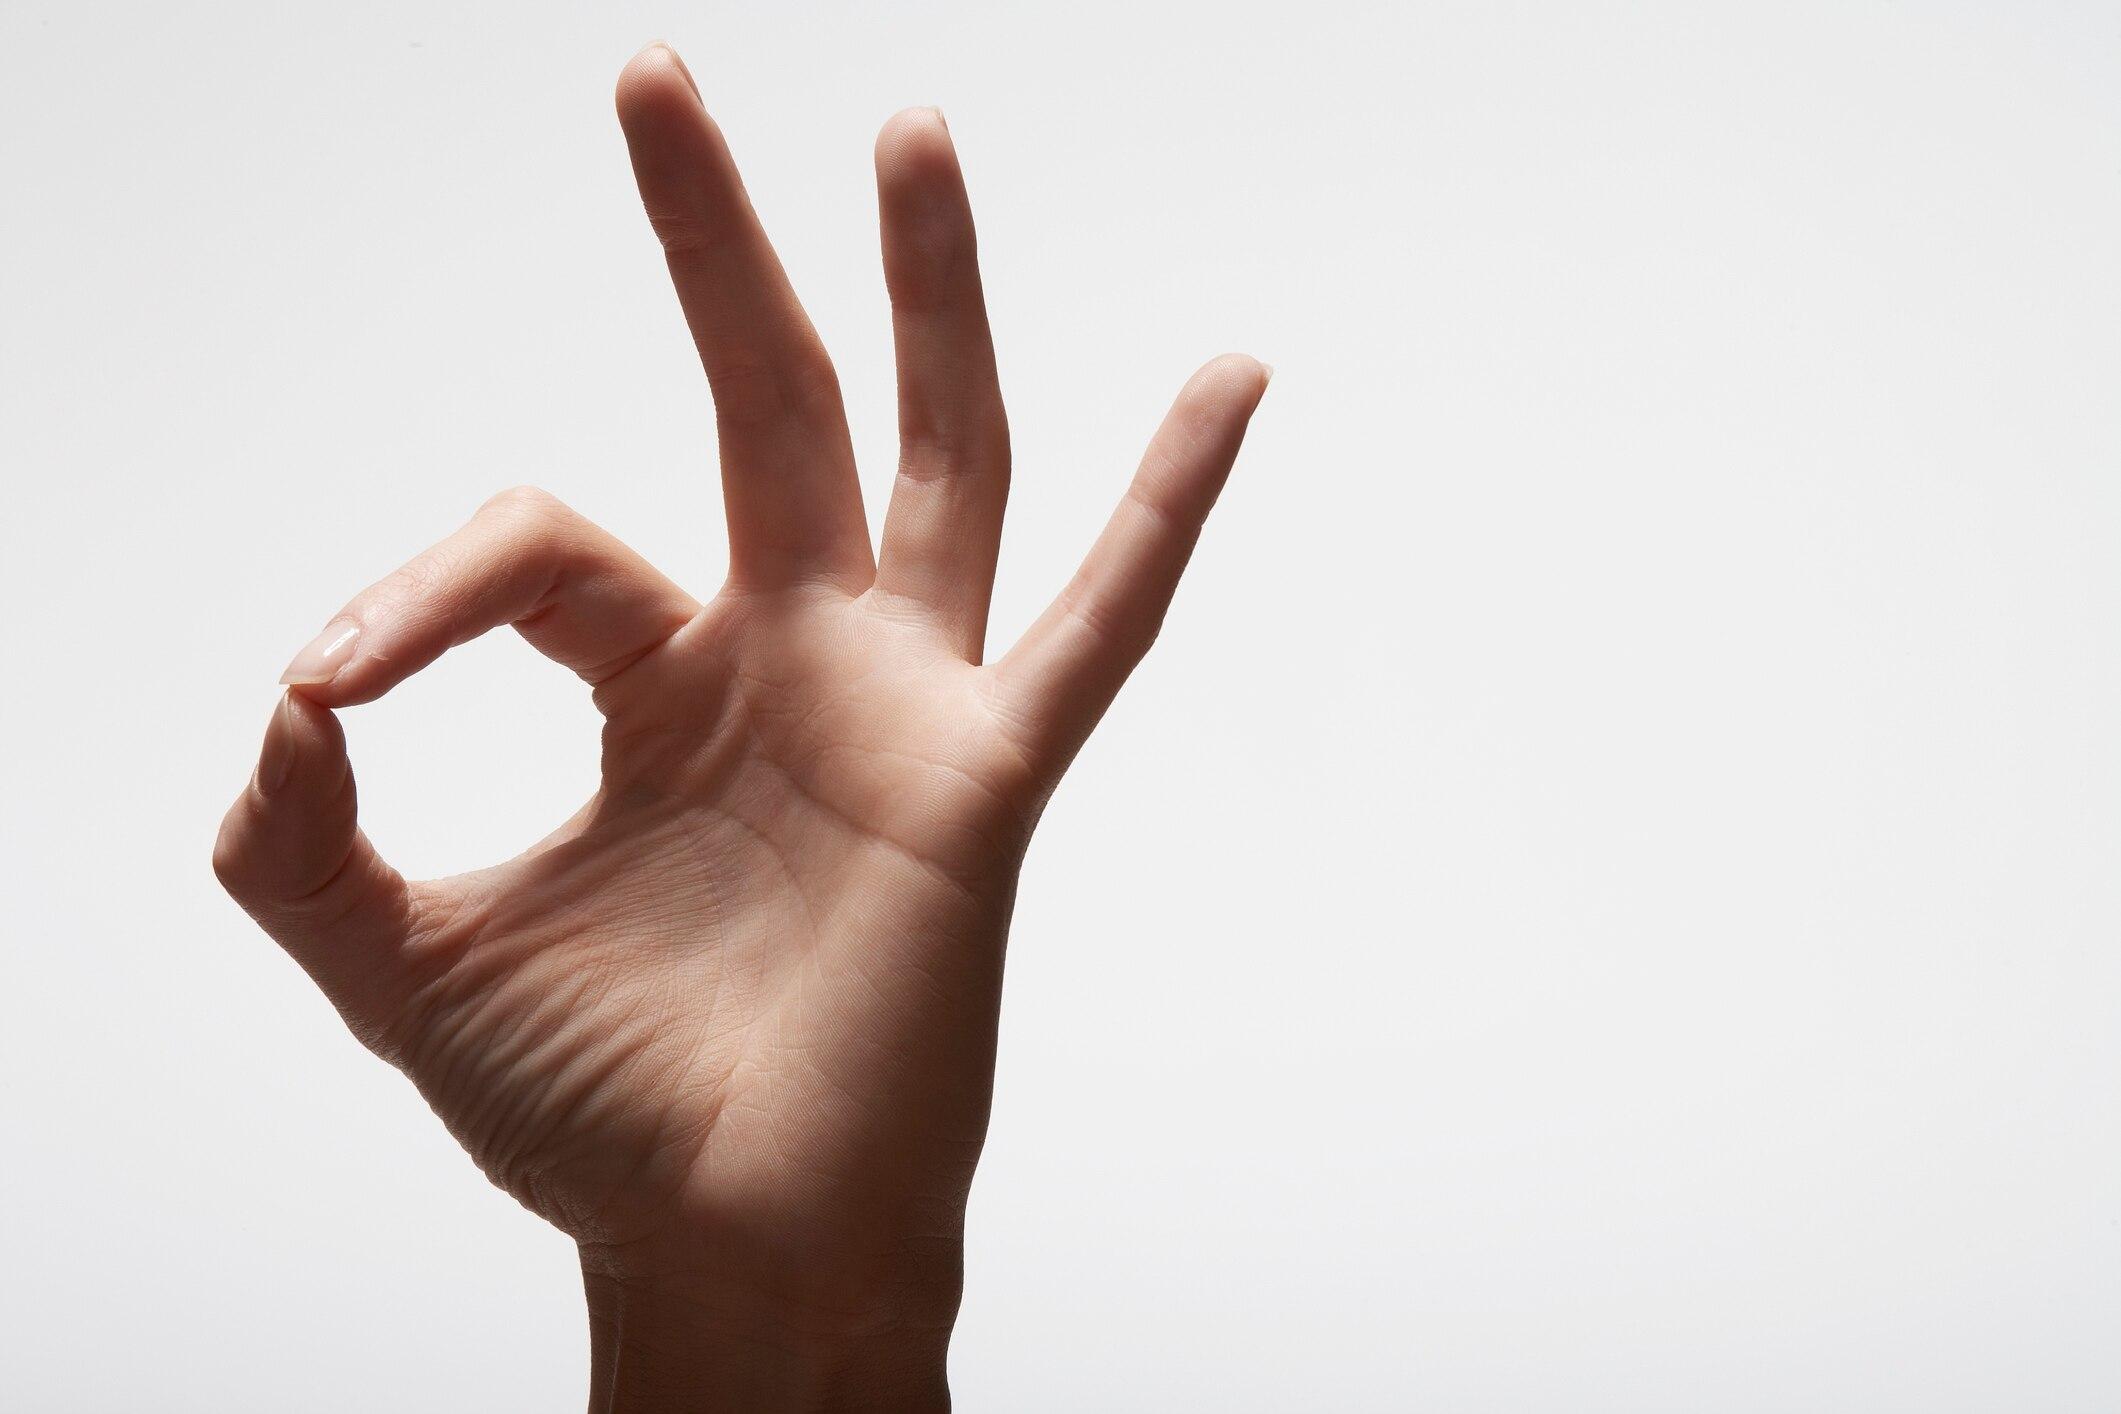 Handzeichen bedeutung jugend